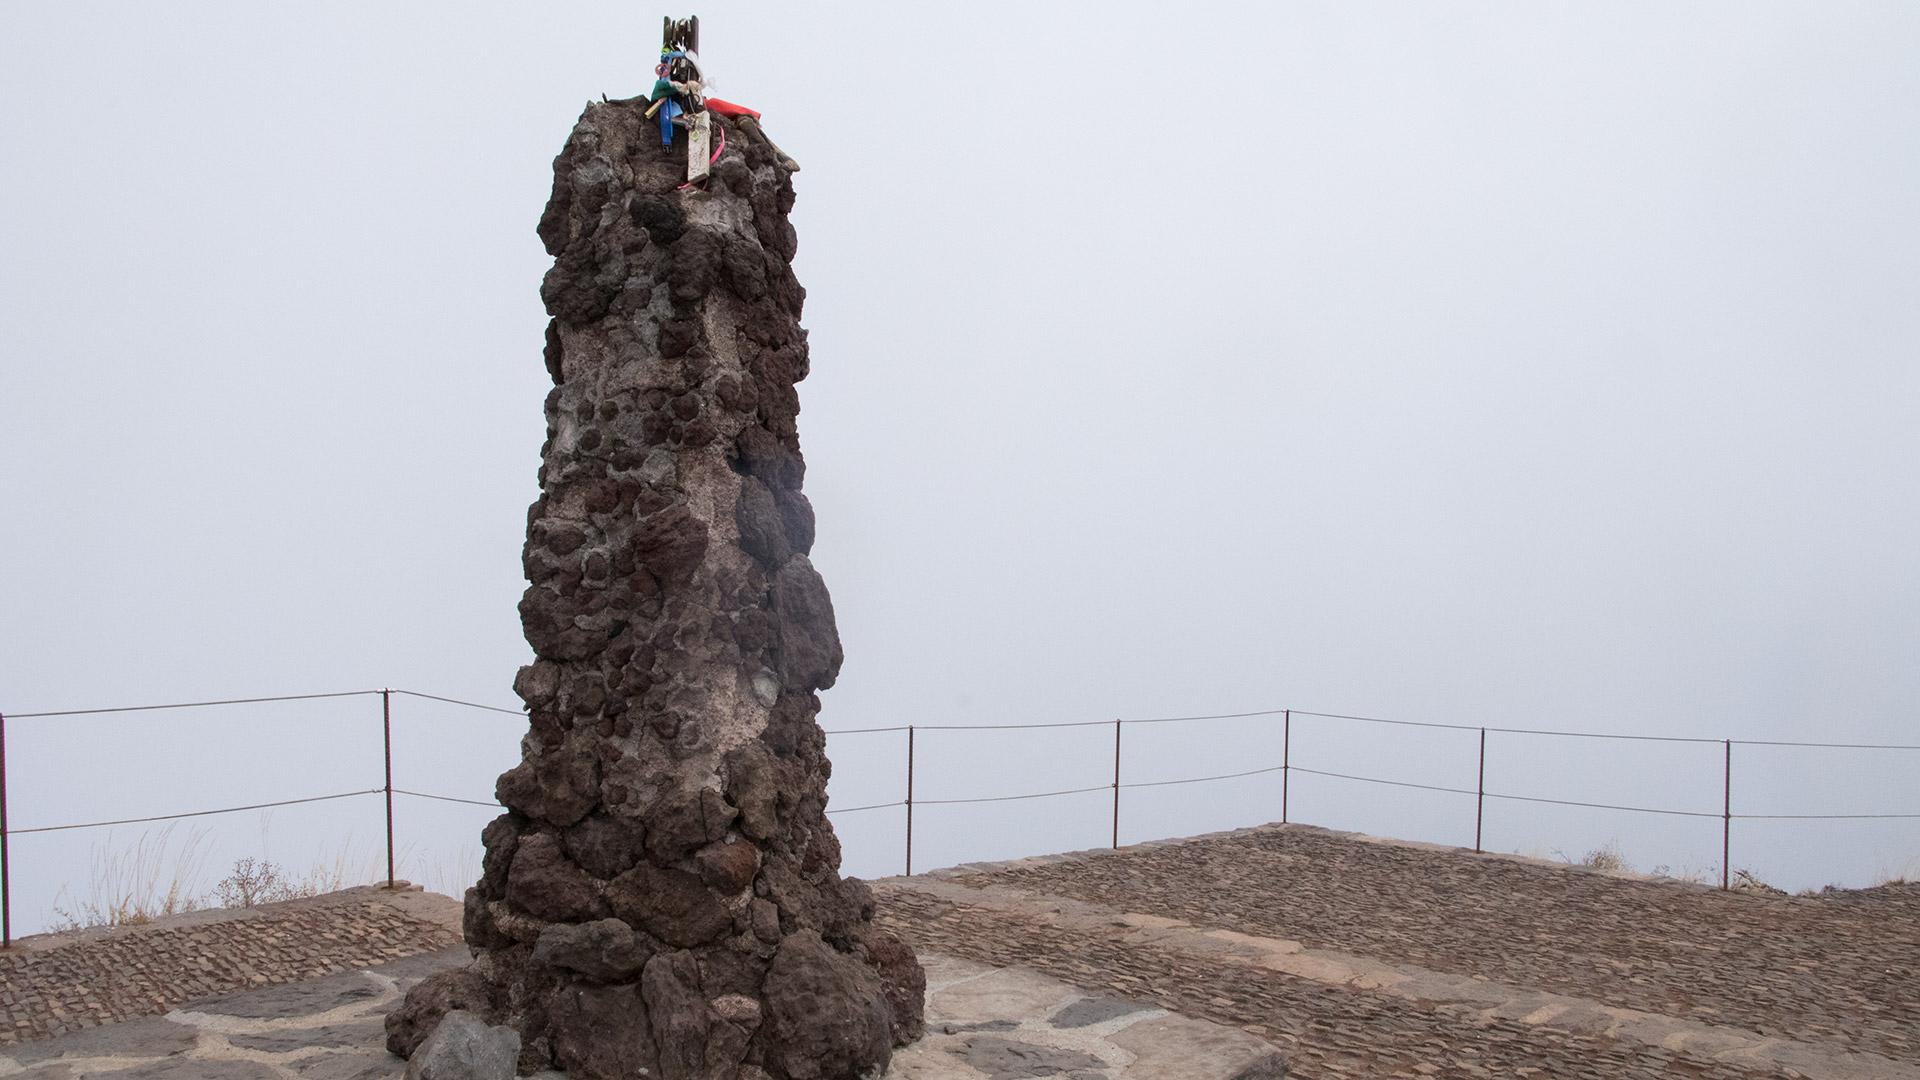 madeira summit